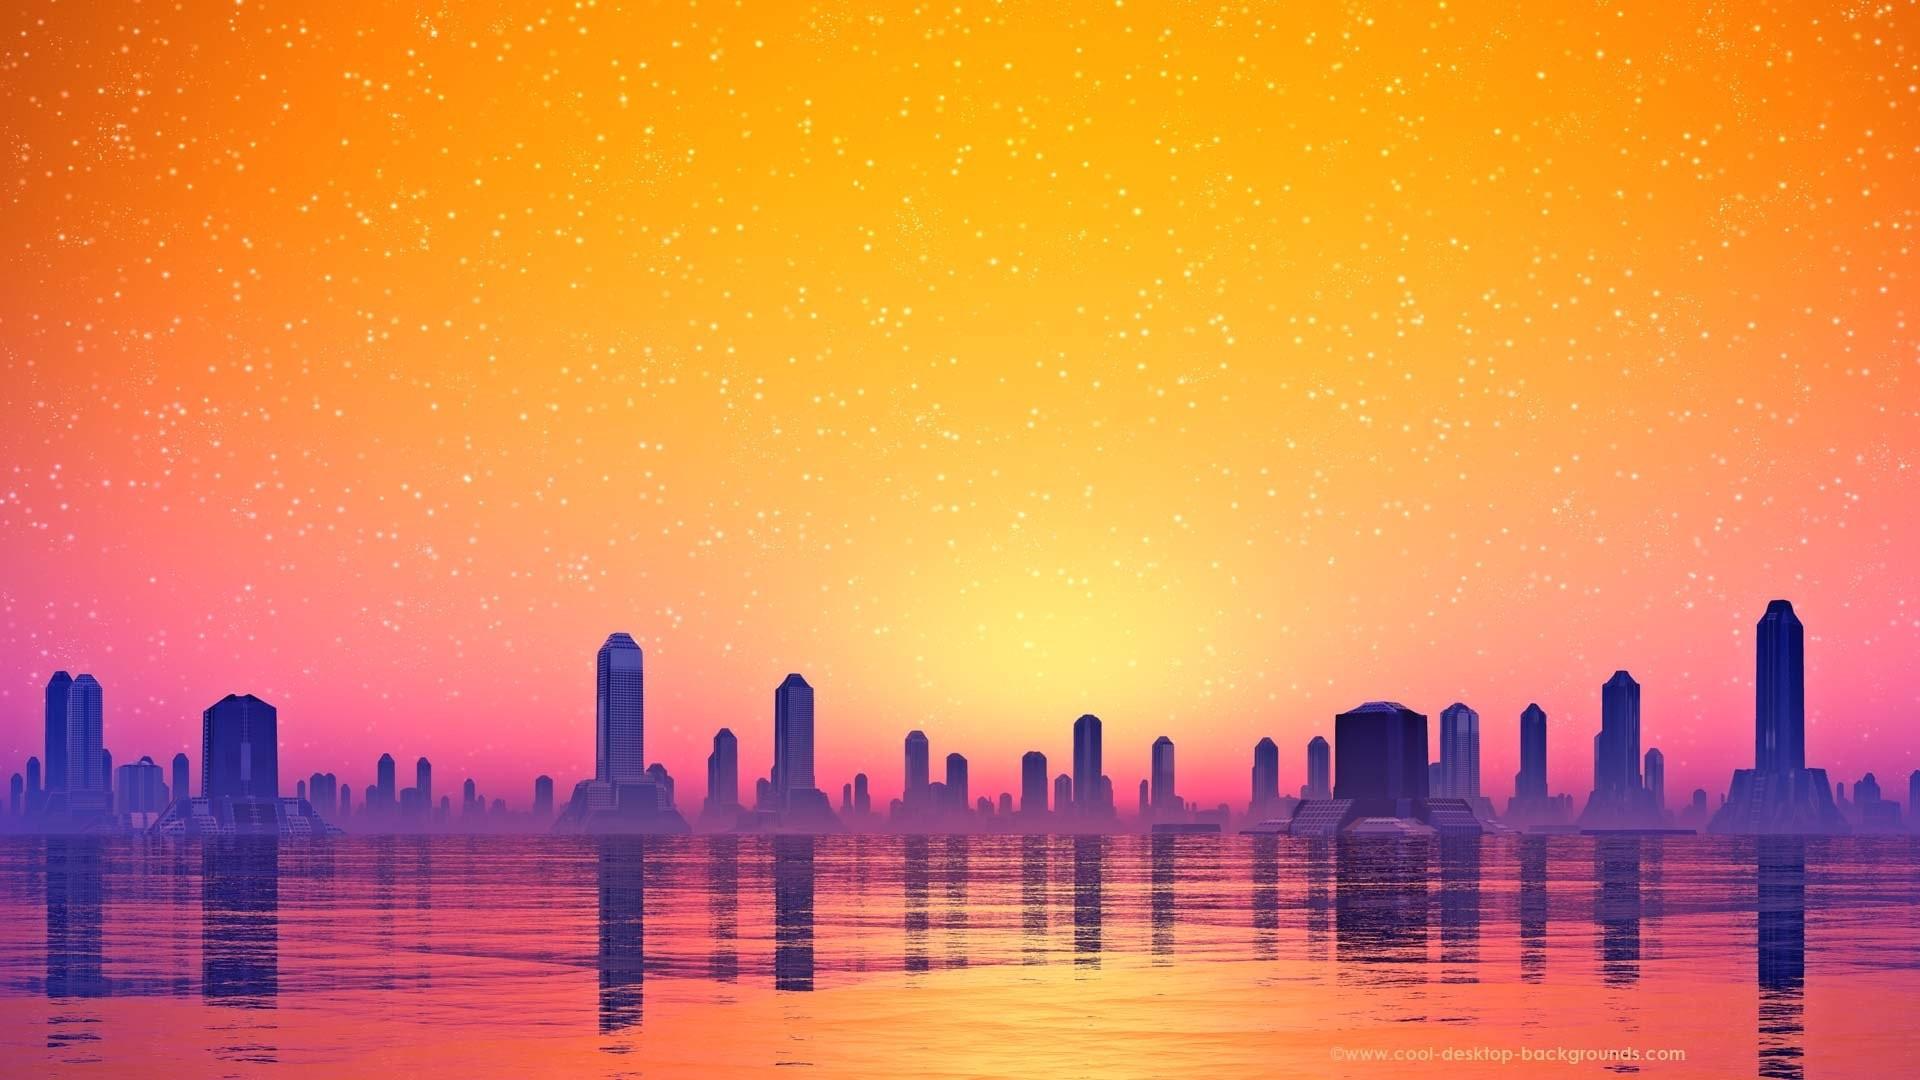 Ocean Desktop Backgrounds 229218 …